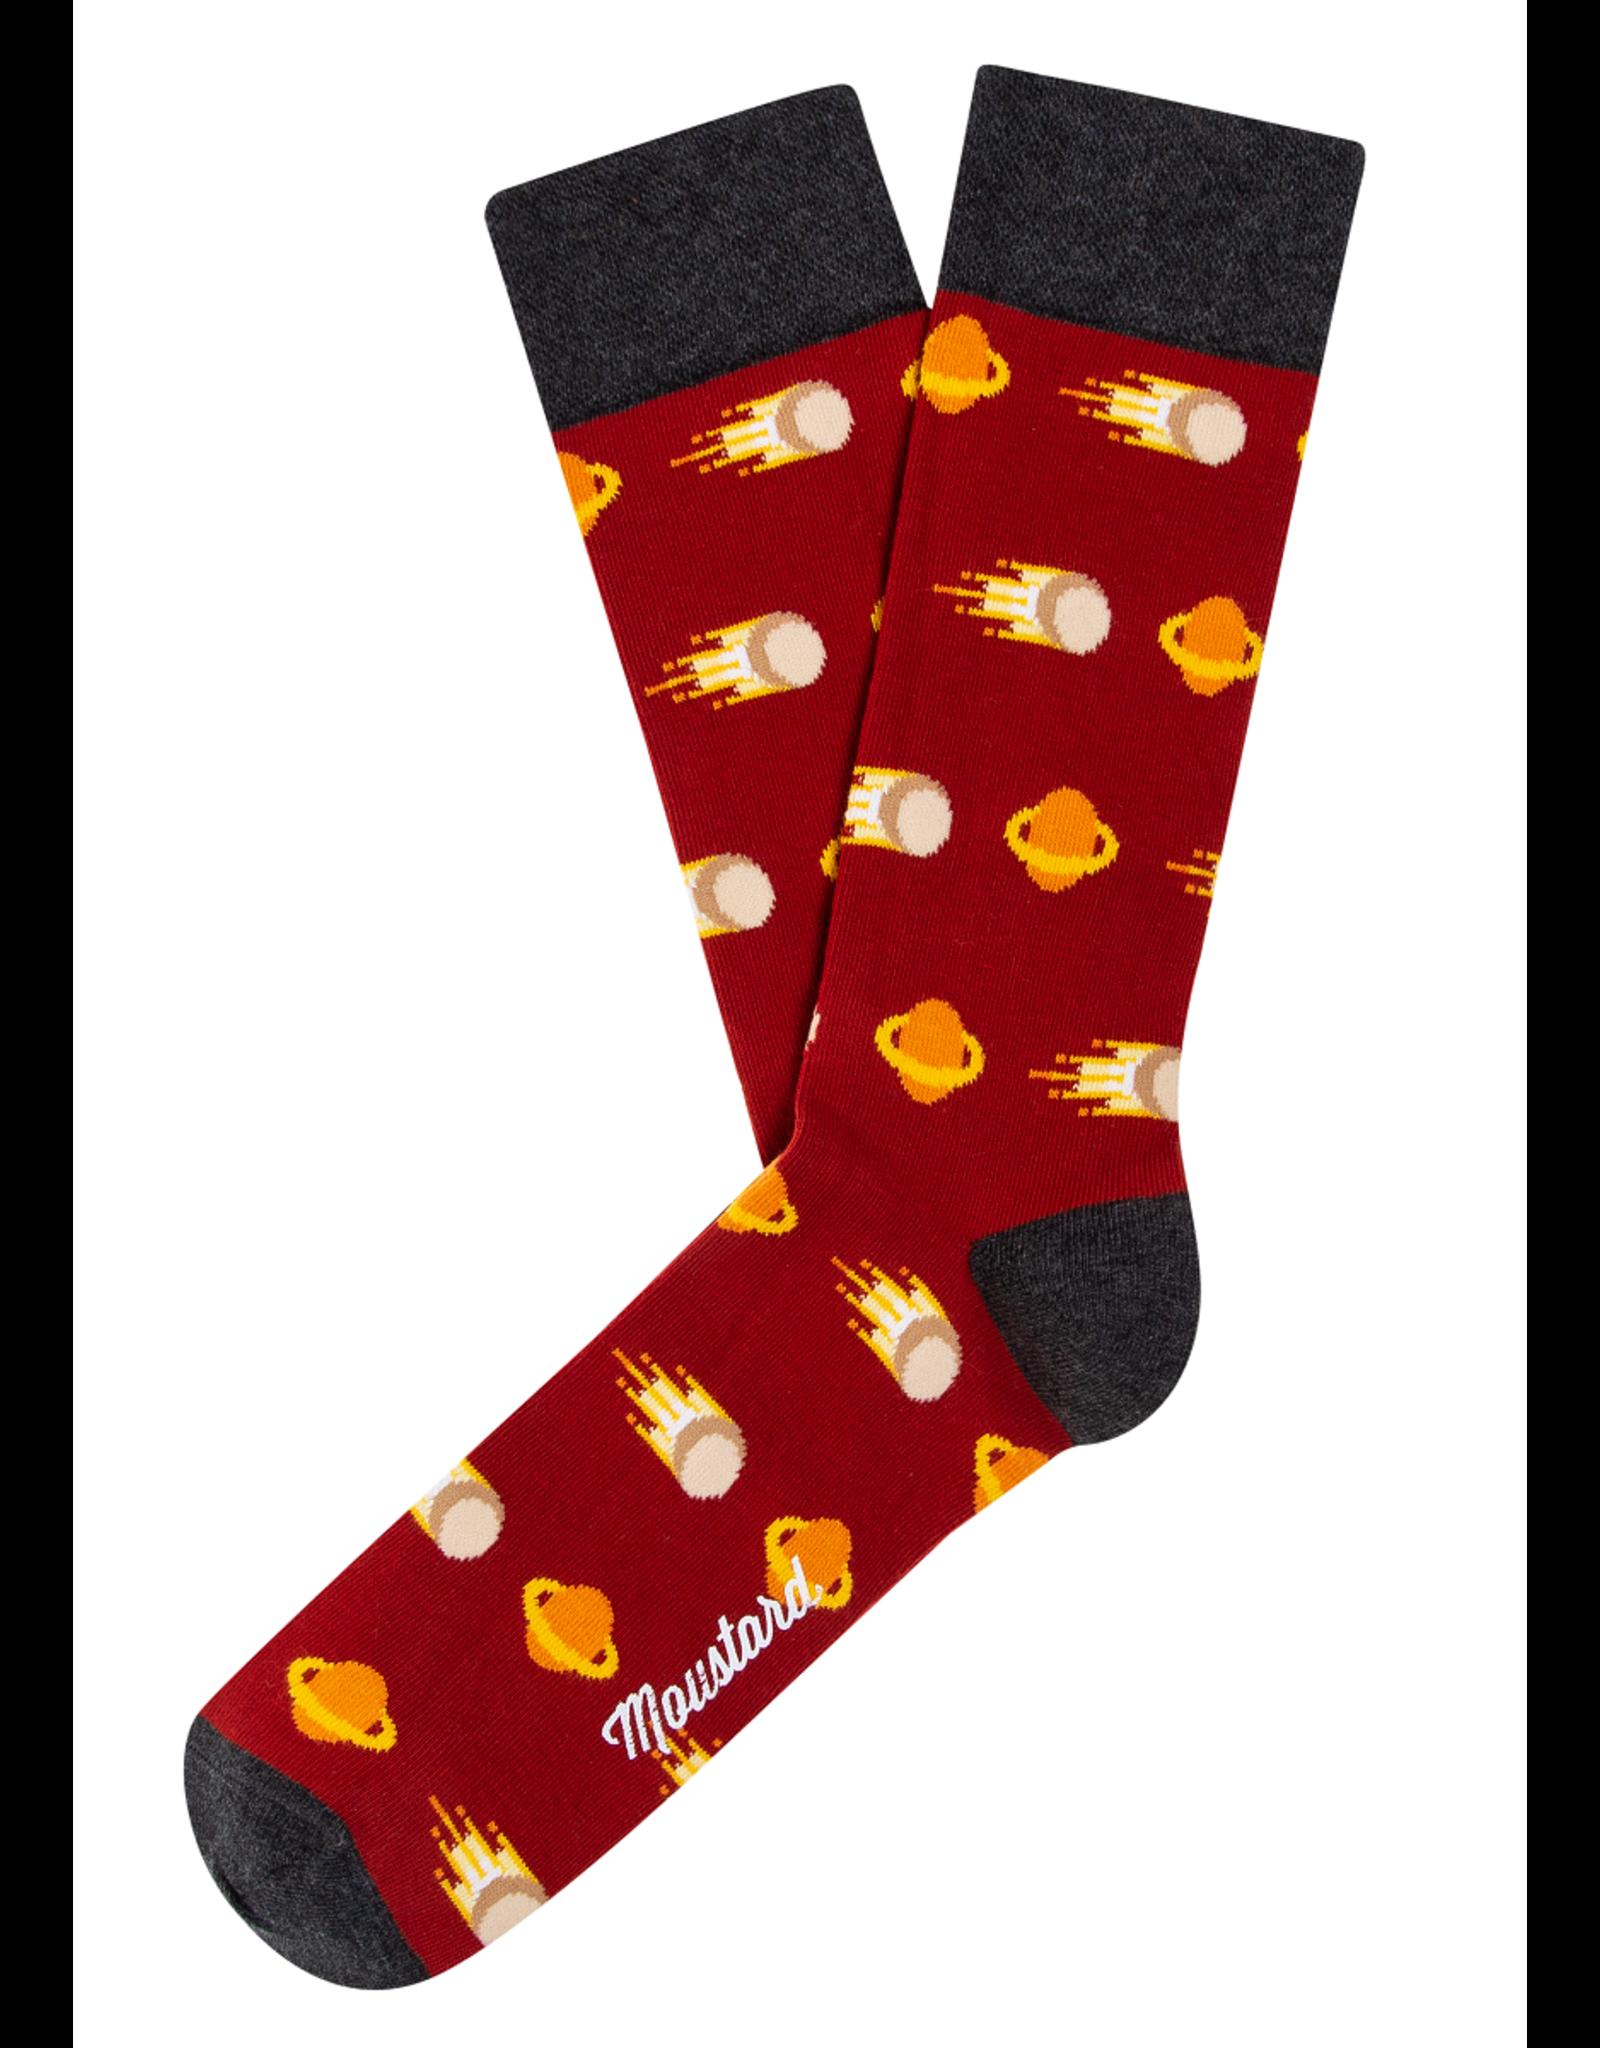 Moustard socks - comets (41-46)